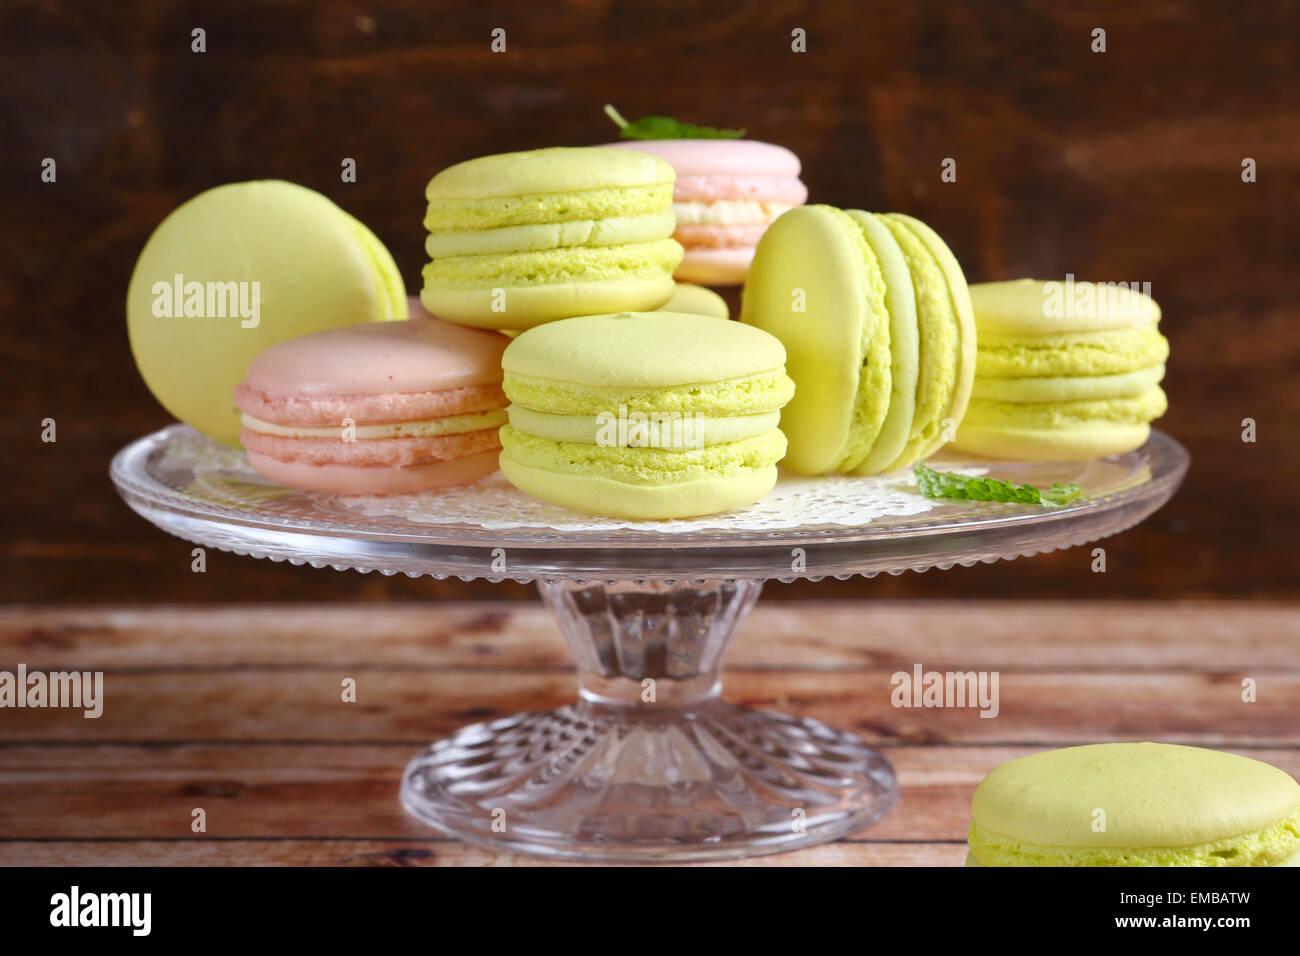 Sanftes Grün und rosa Macarons, Essen Stockbild